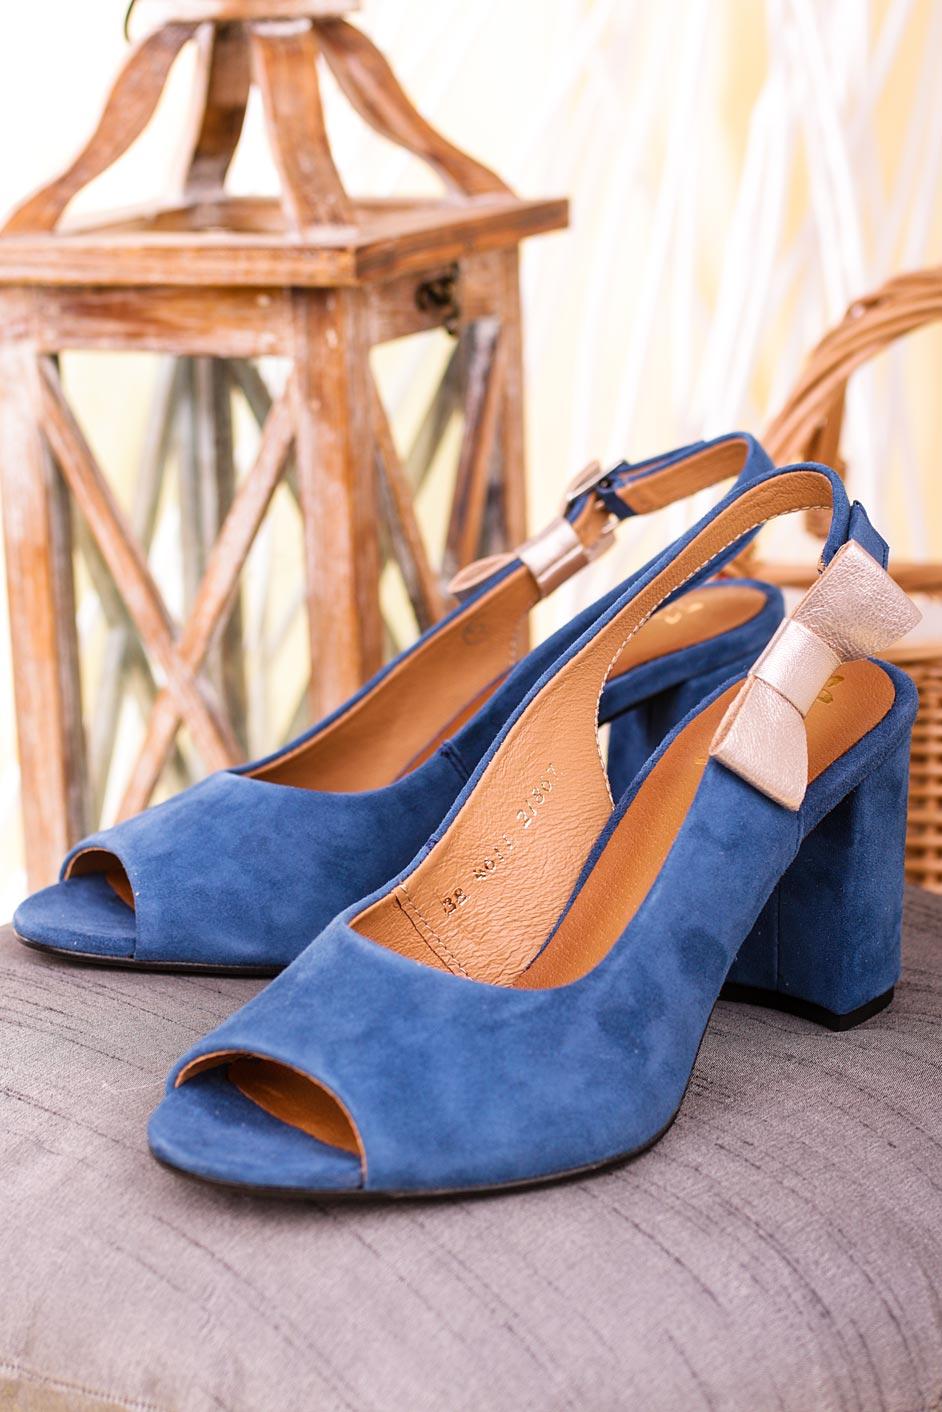 Niebieskie sandały Maciejka skórzane na szerokim słupku z kokardką 04611-17/00-1 ciemny niebieski